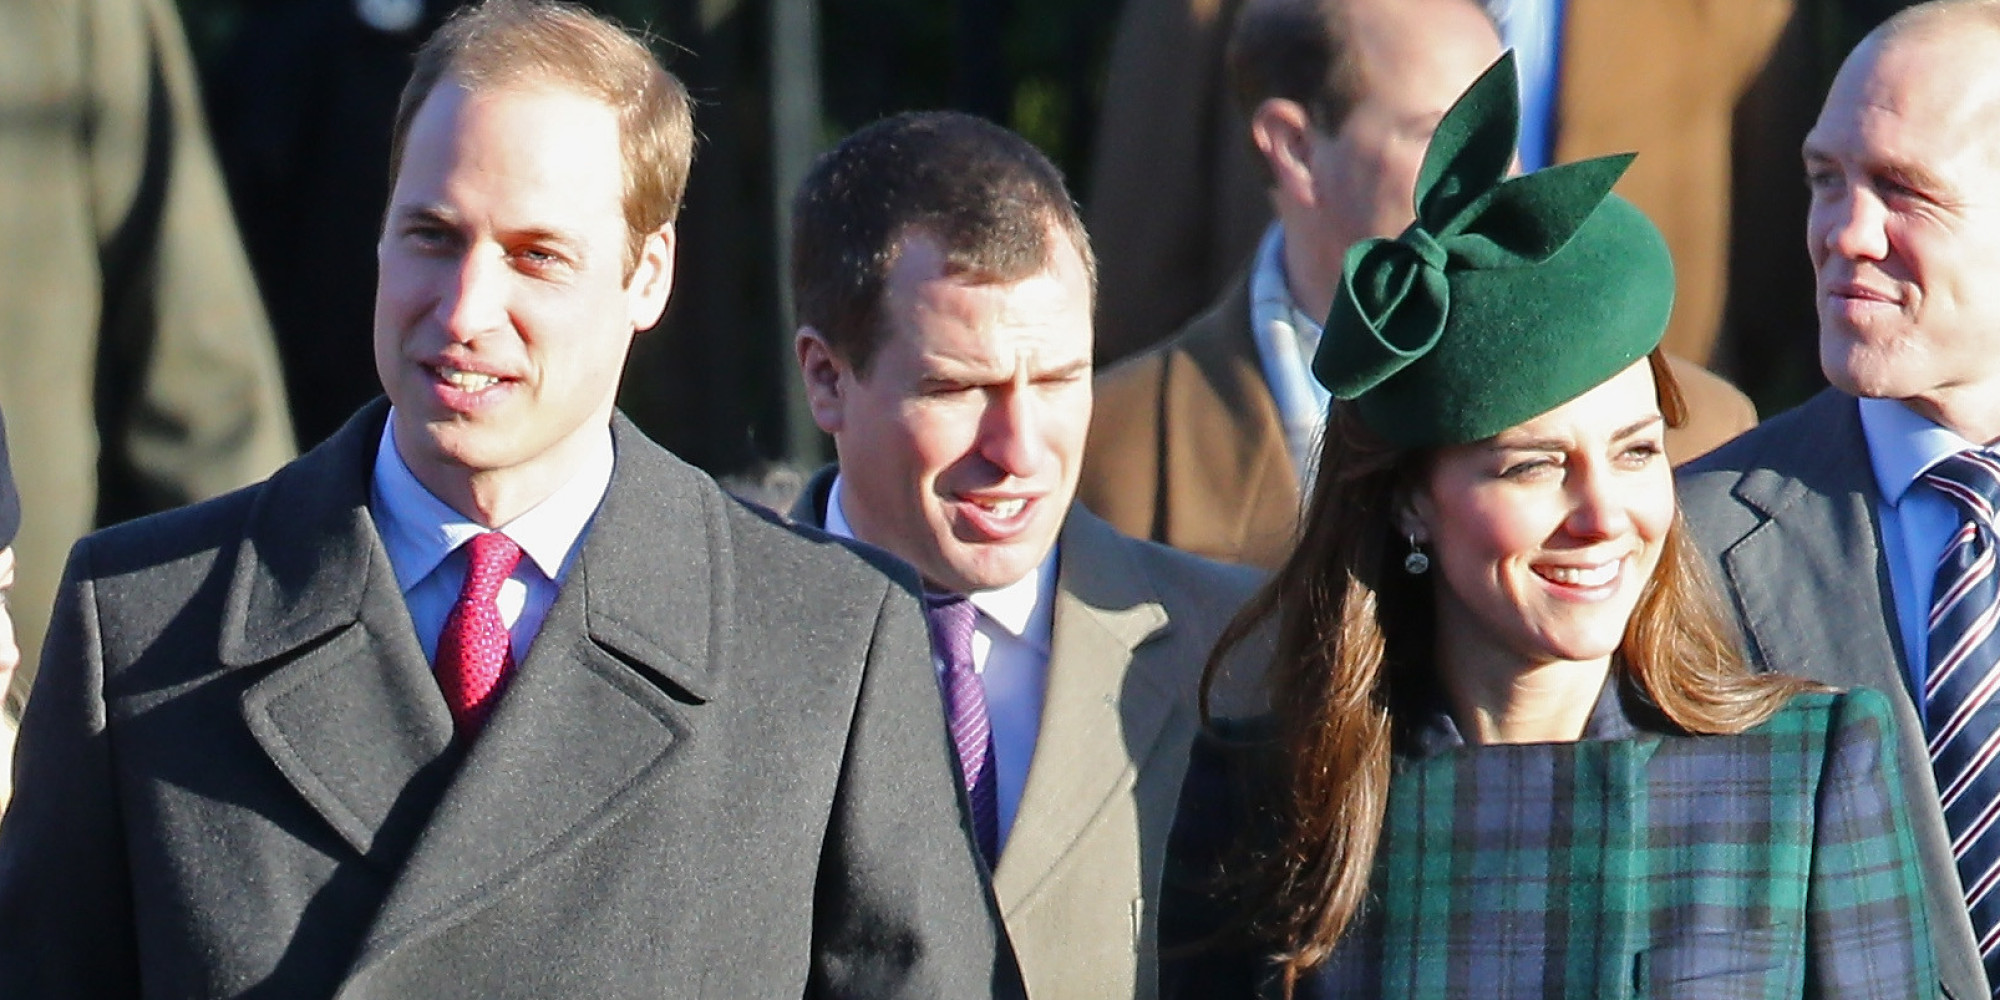 Kate Middleton Repeats Tartan Coat At Sandringham For